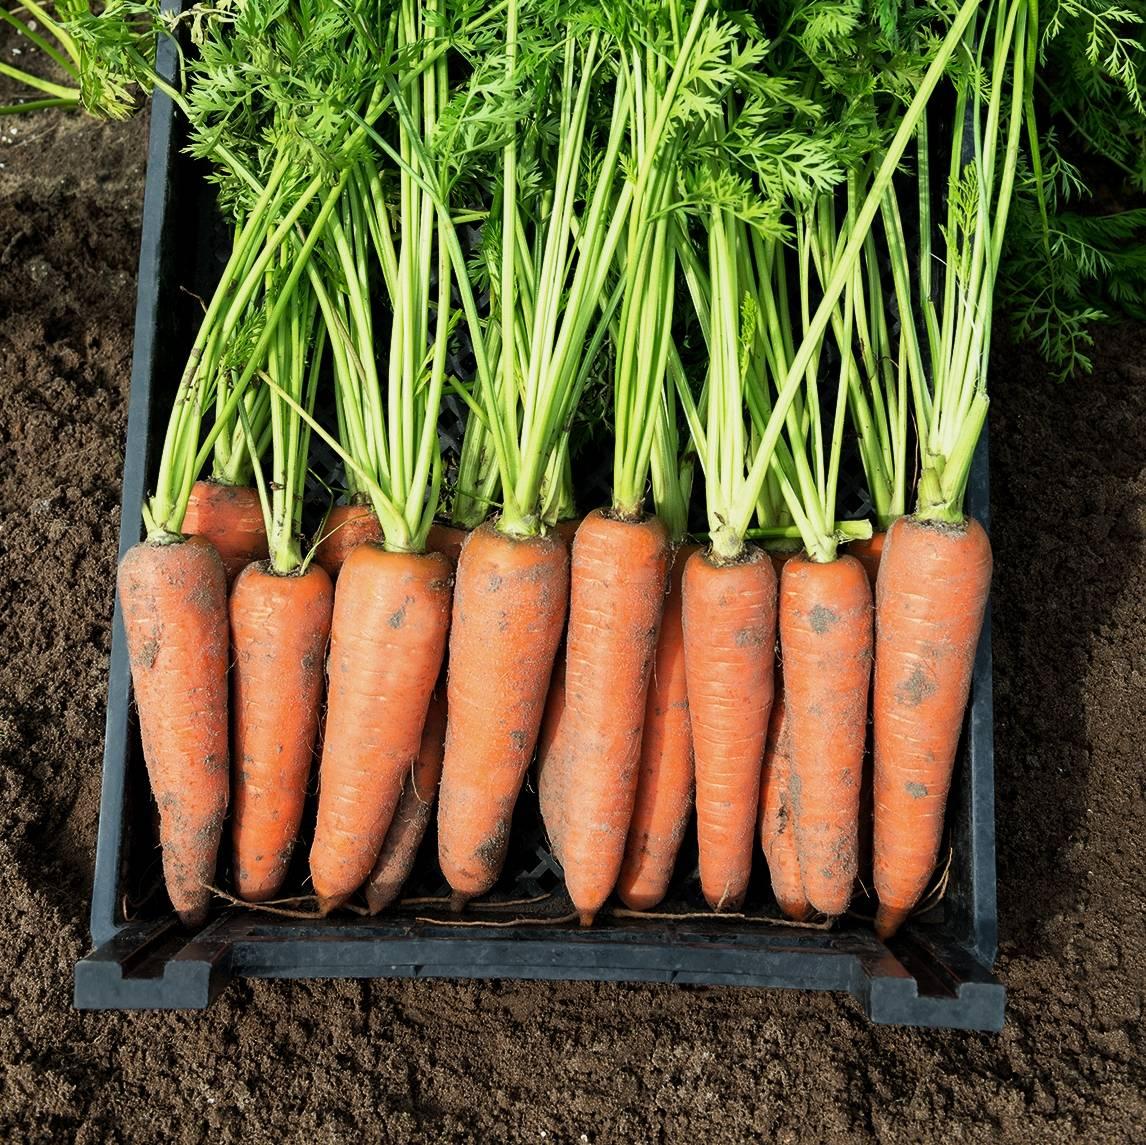 Морковь каскад: описание сорта и отзывы дачников об урожайности, характеристика гибрида f1, фото и рекомендации по выращиванию